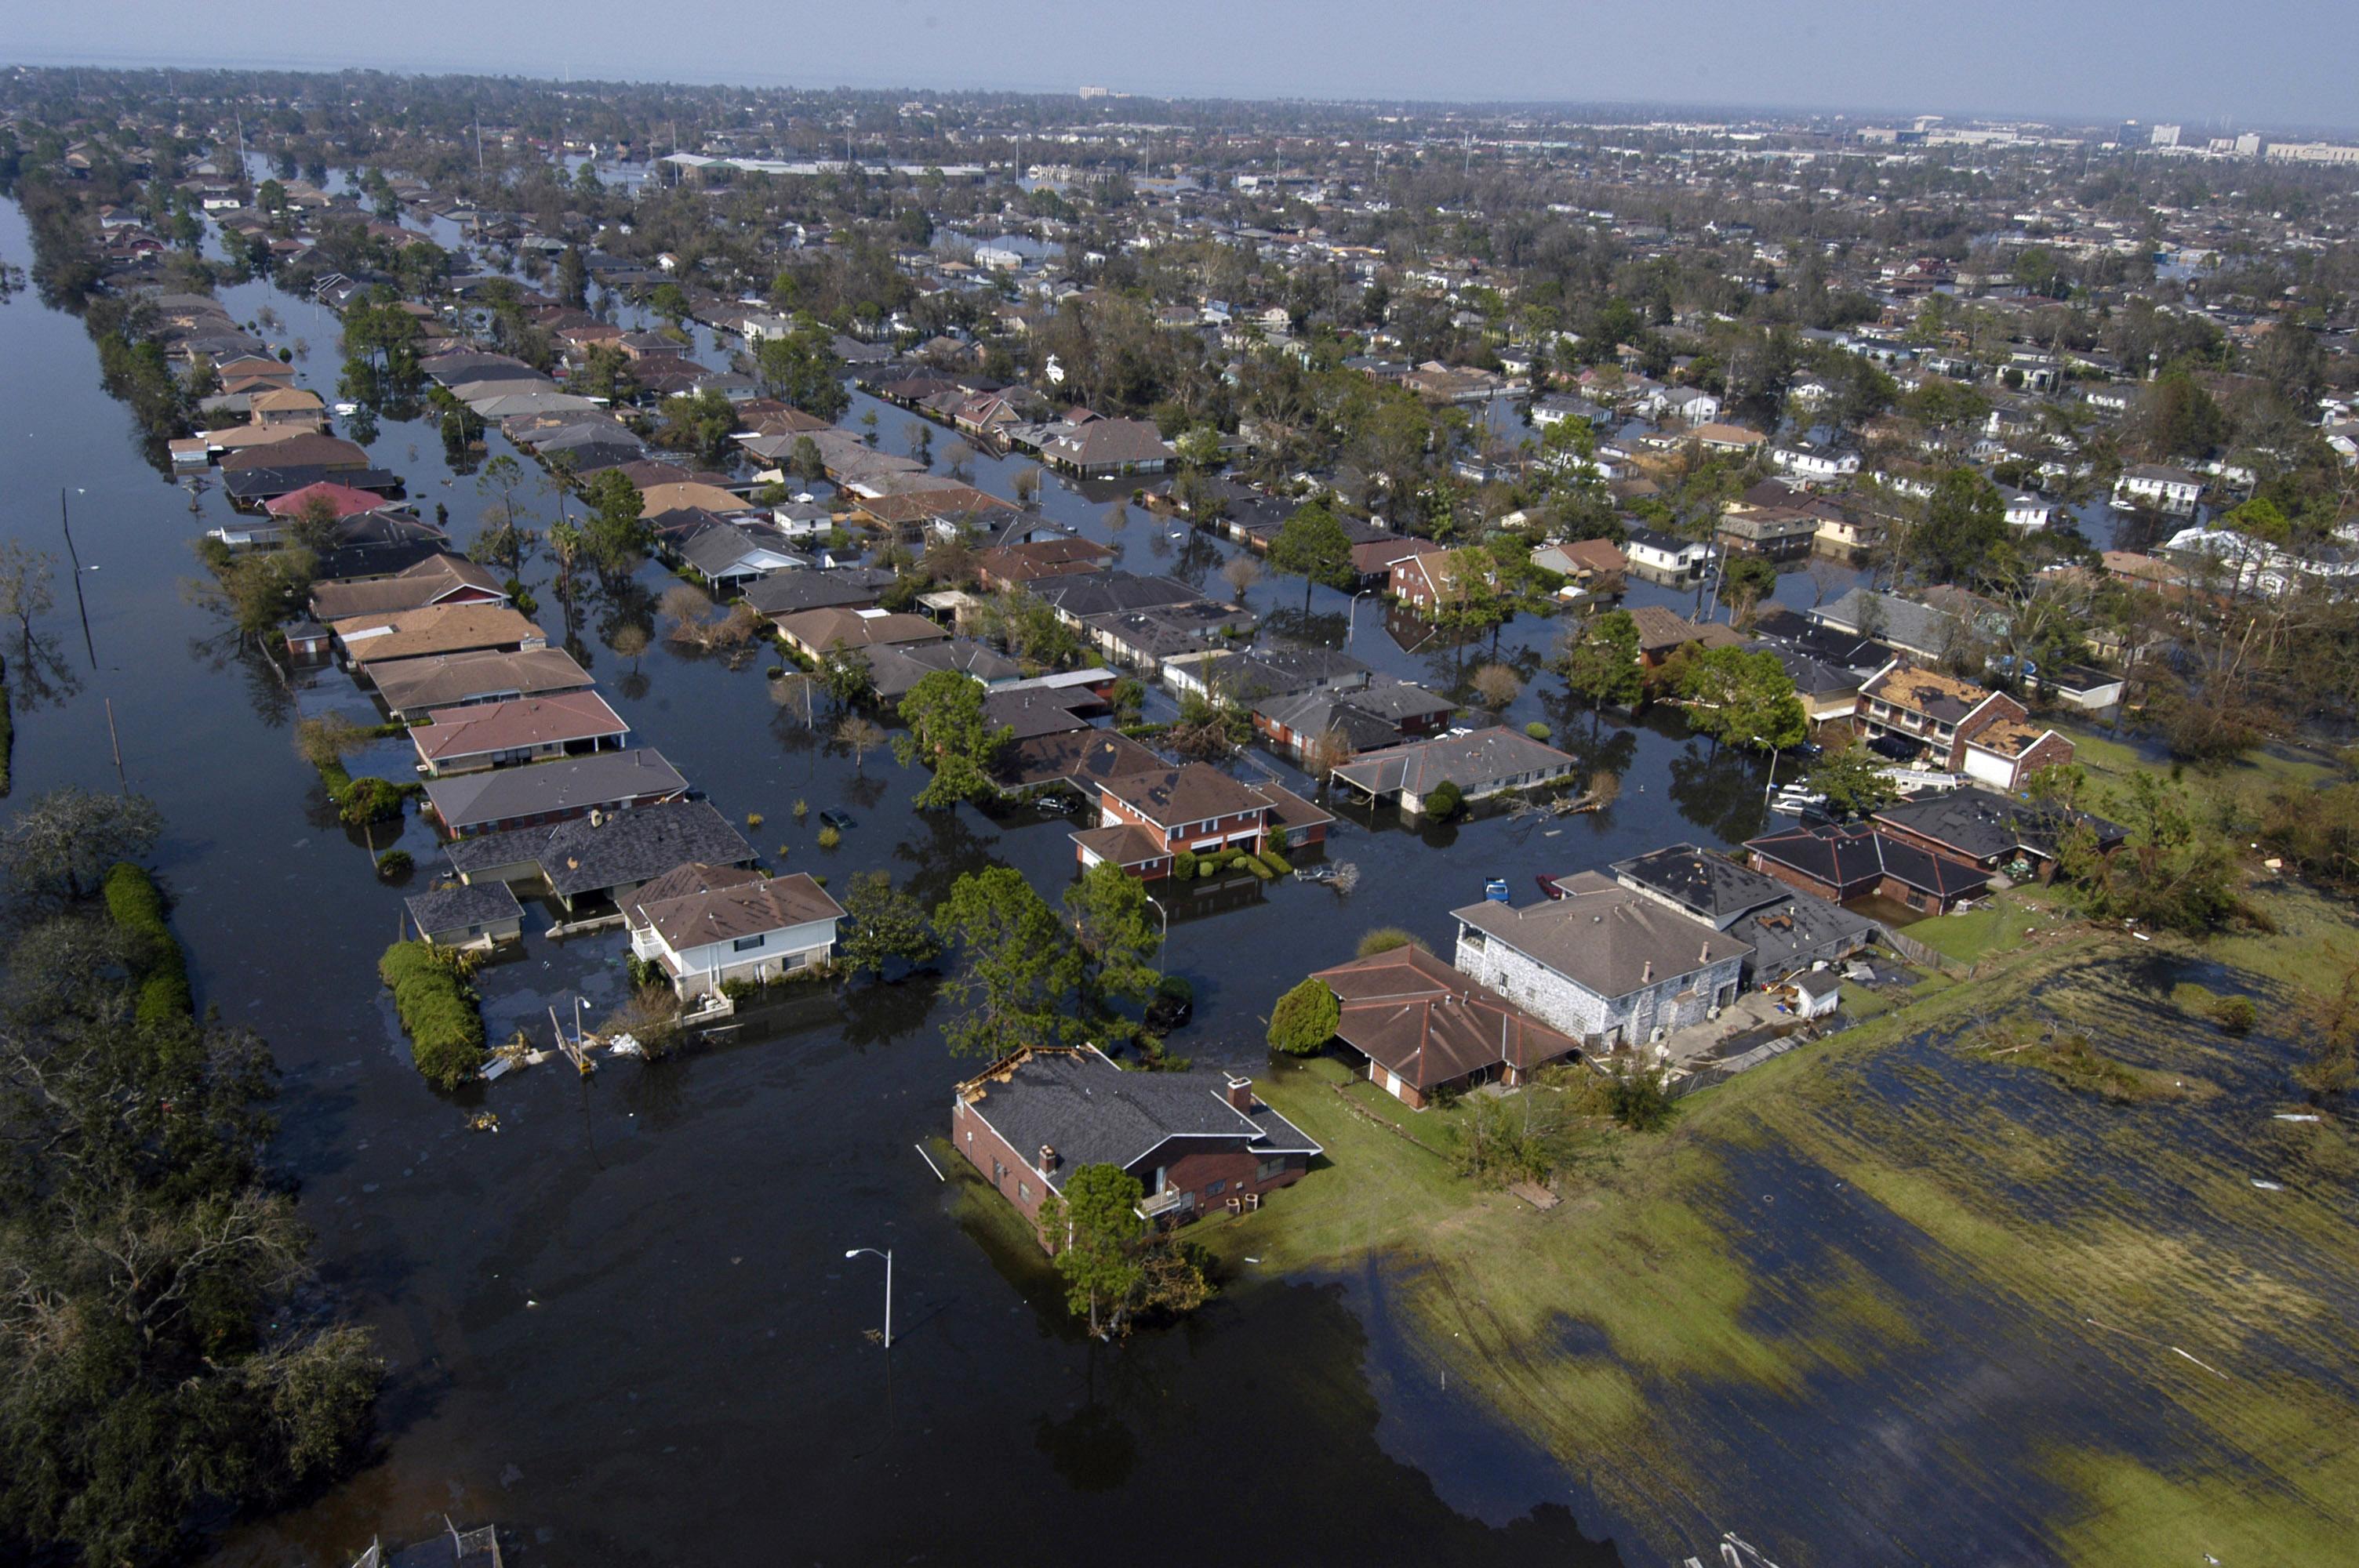 """אילו ערים מרוויחות ואילו מפסידות משיח הסיכון? העיר ניו אורלינס, ארה""""ב, בעקבות סופת ההוריקן קטרינה בשנת 2005 (צילום: United States Navy, Wikimedia Commons)"""